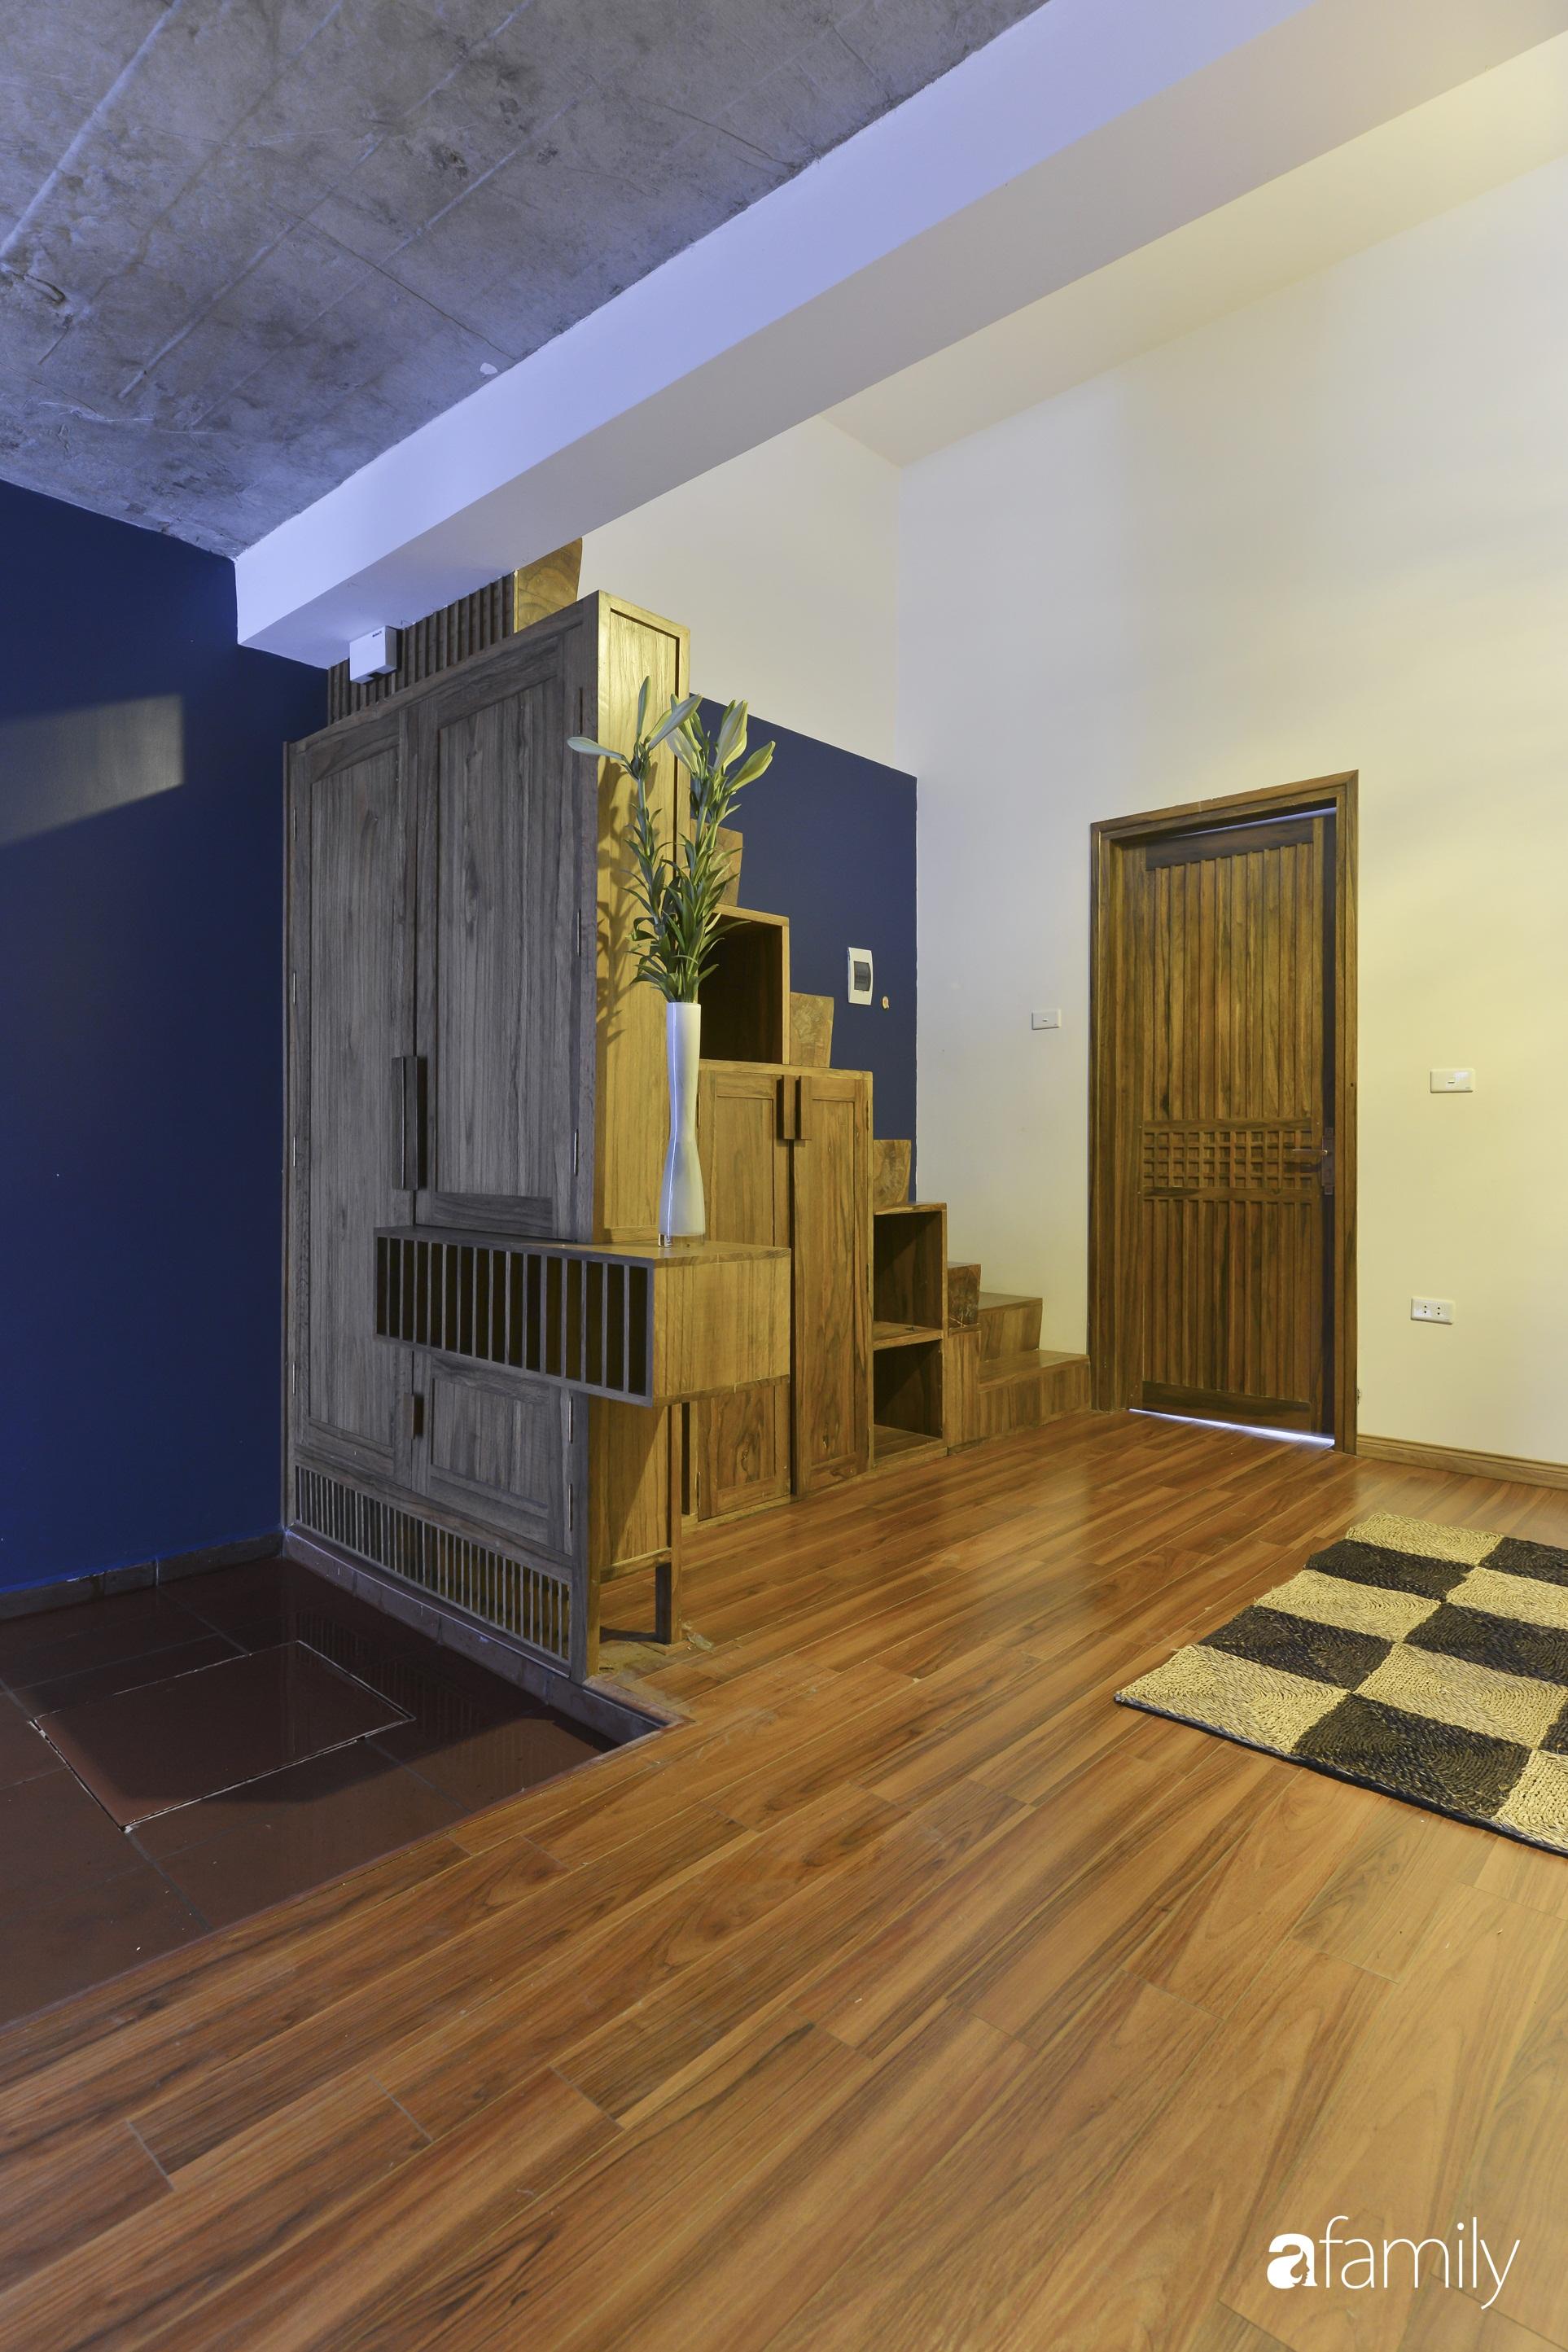 Vẻ đẹp của gỗ kết hợp nội thất đơn giản trong ngôi nhà 45,6m² ở ngõ nhỏ Hà Nội sau khi cải tạo - Ảnh 8.